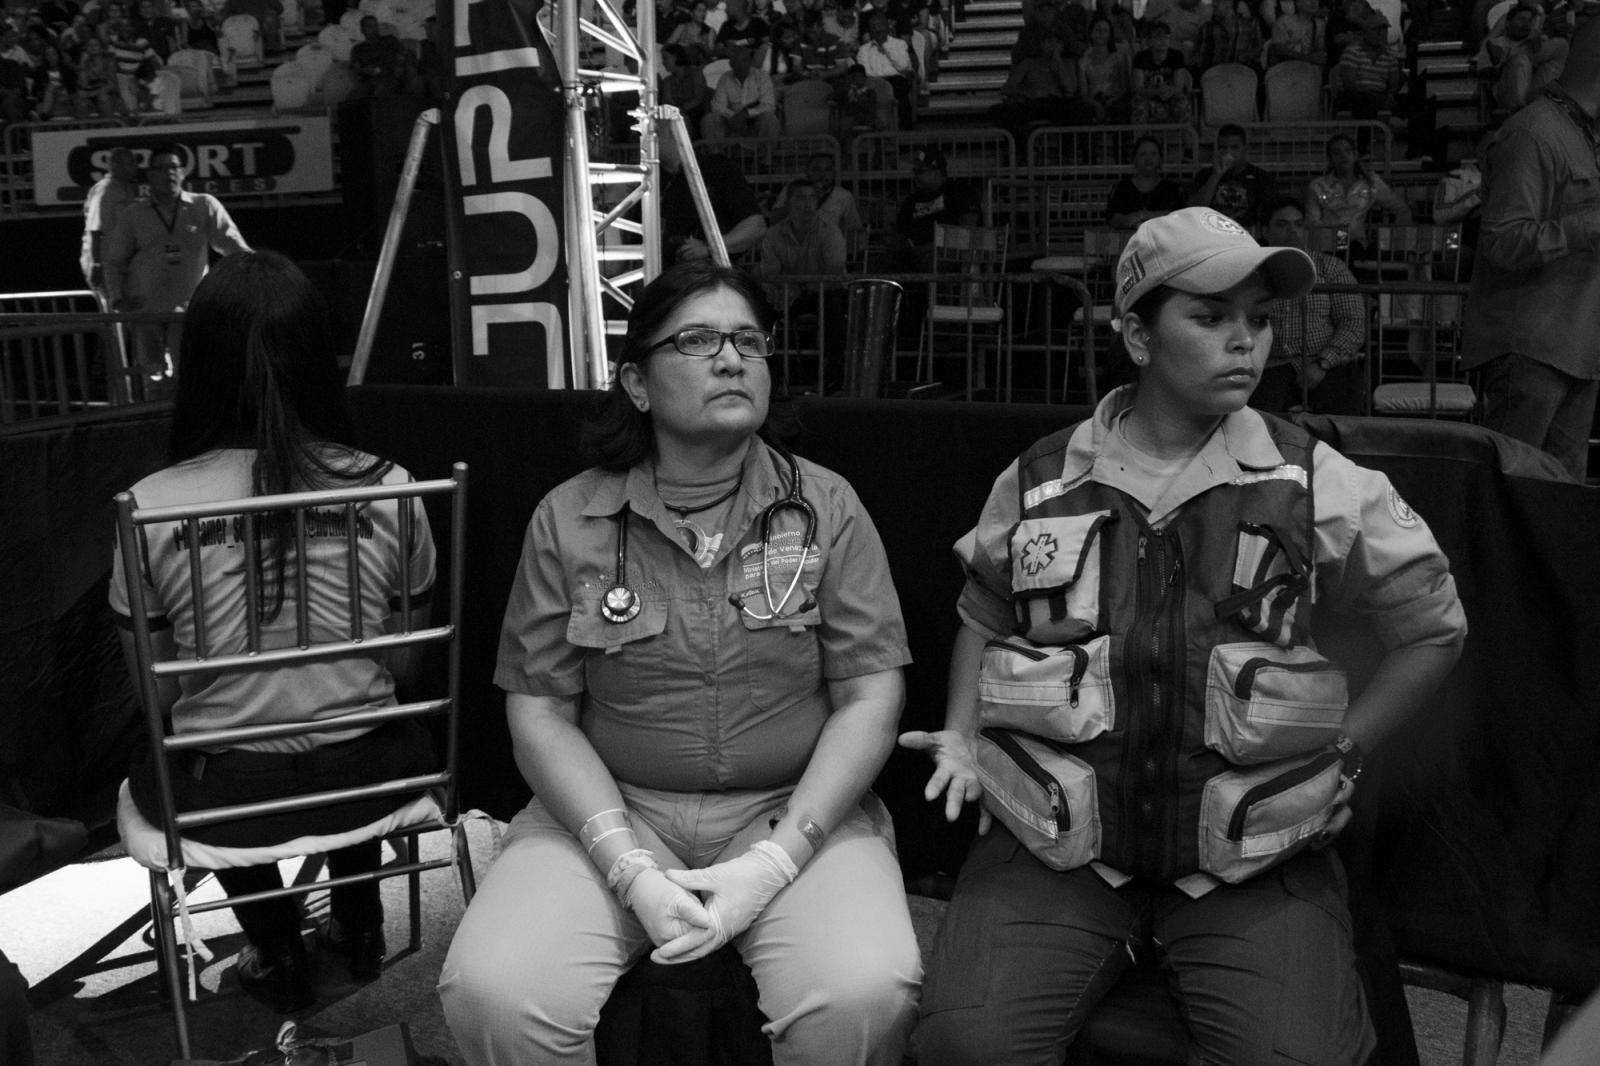 Paramédicas en su lugar de trabajo durante La Batalla de campeonas. 18.06.2016, Maiquetía, Venezuela.